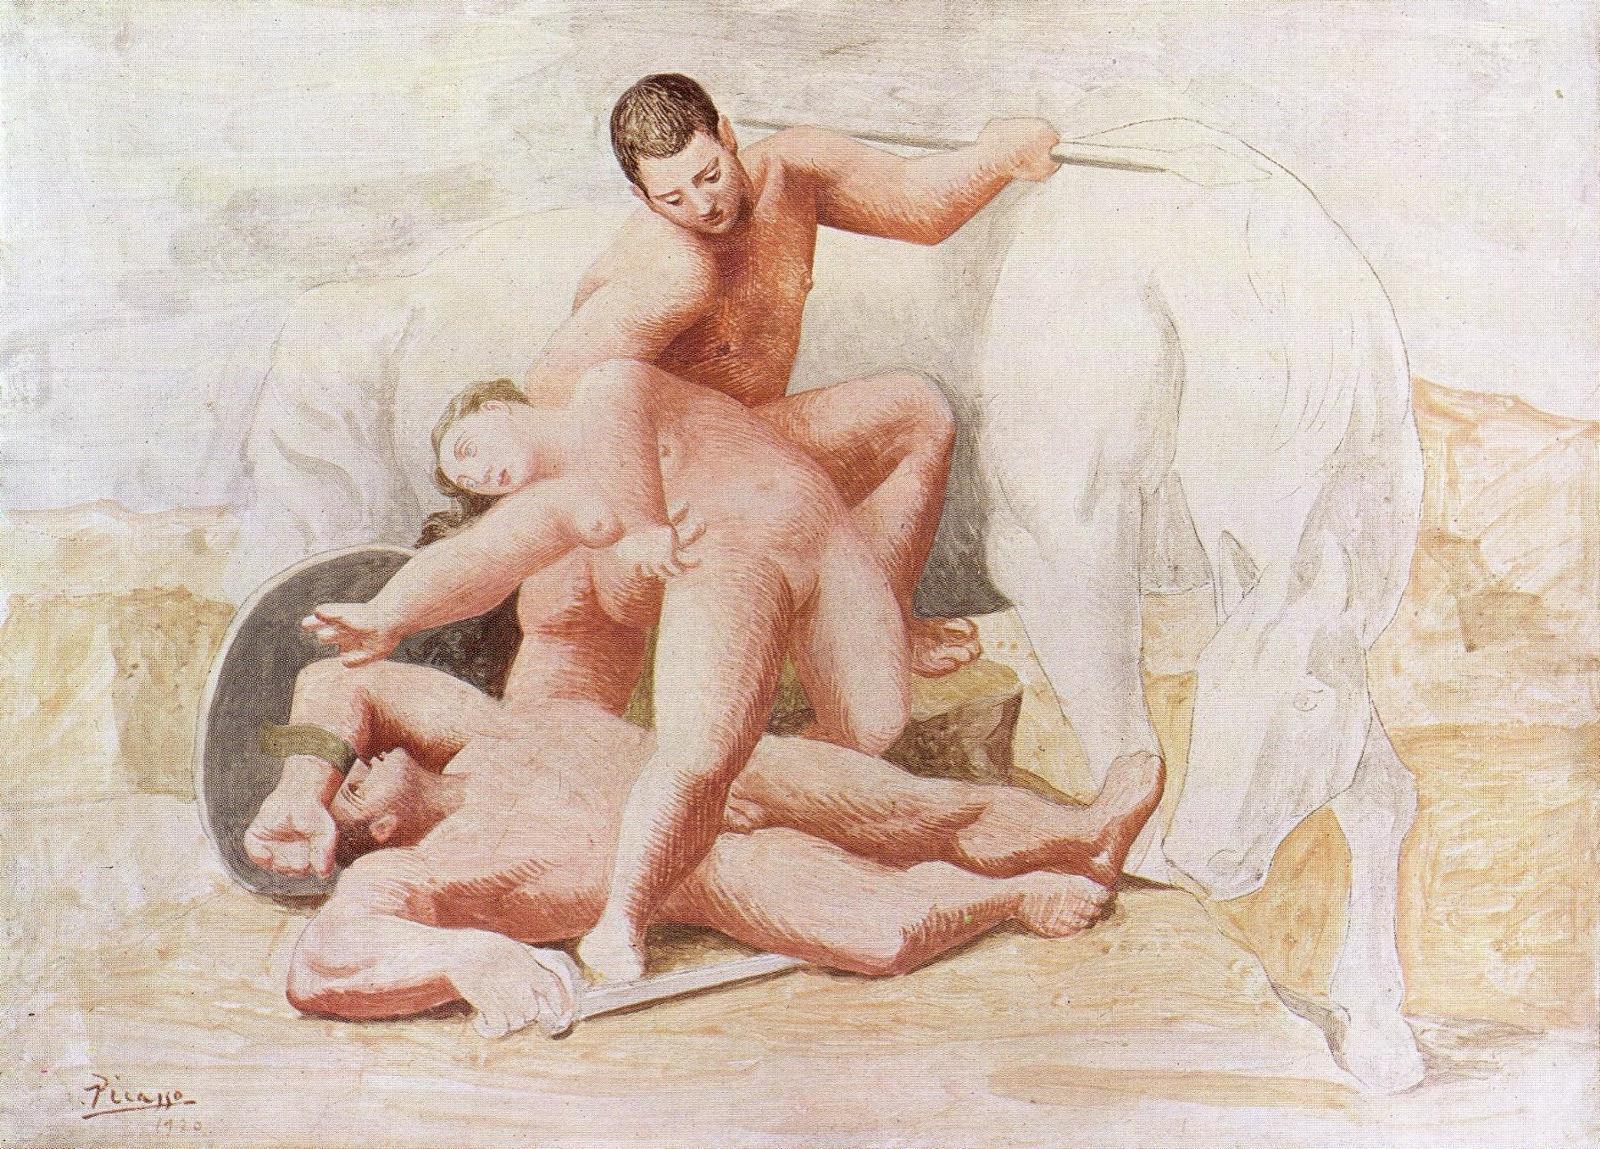 The-Rape-[1920]